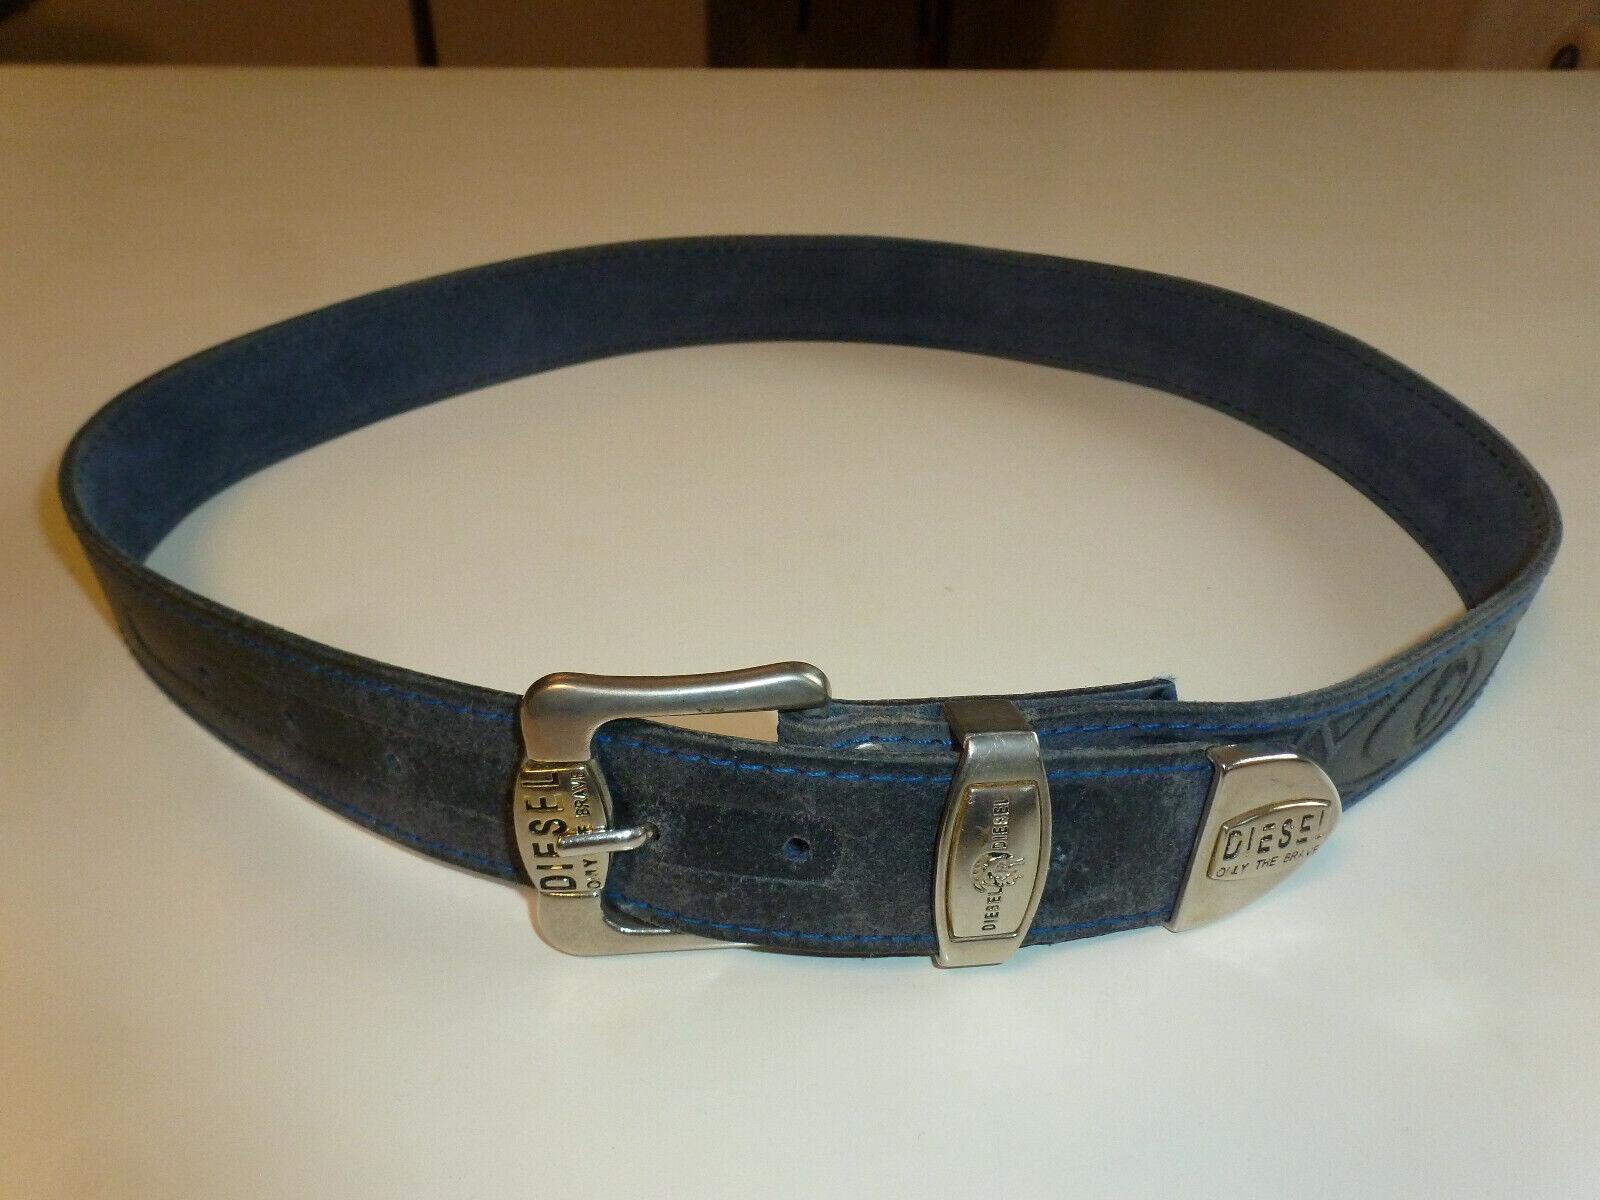 Gürtel Herren, Diesel, Leder, blau, Jeansgürtel, Länge 105 cm